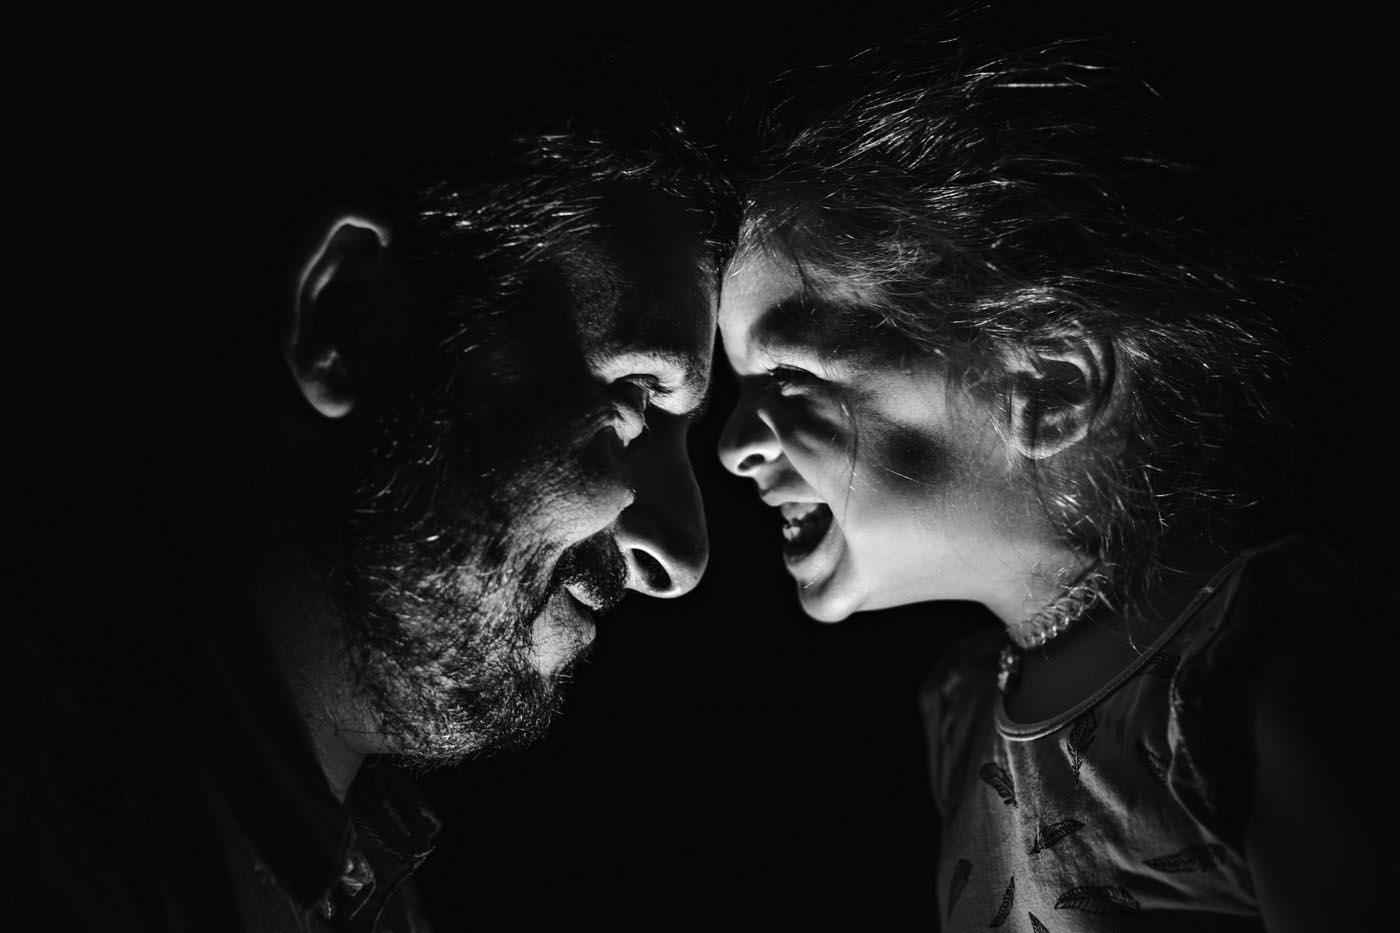 apák napja családi történetmesélő dokumentarista fotózás fatherhood father's day storytelling family documentary photographer